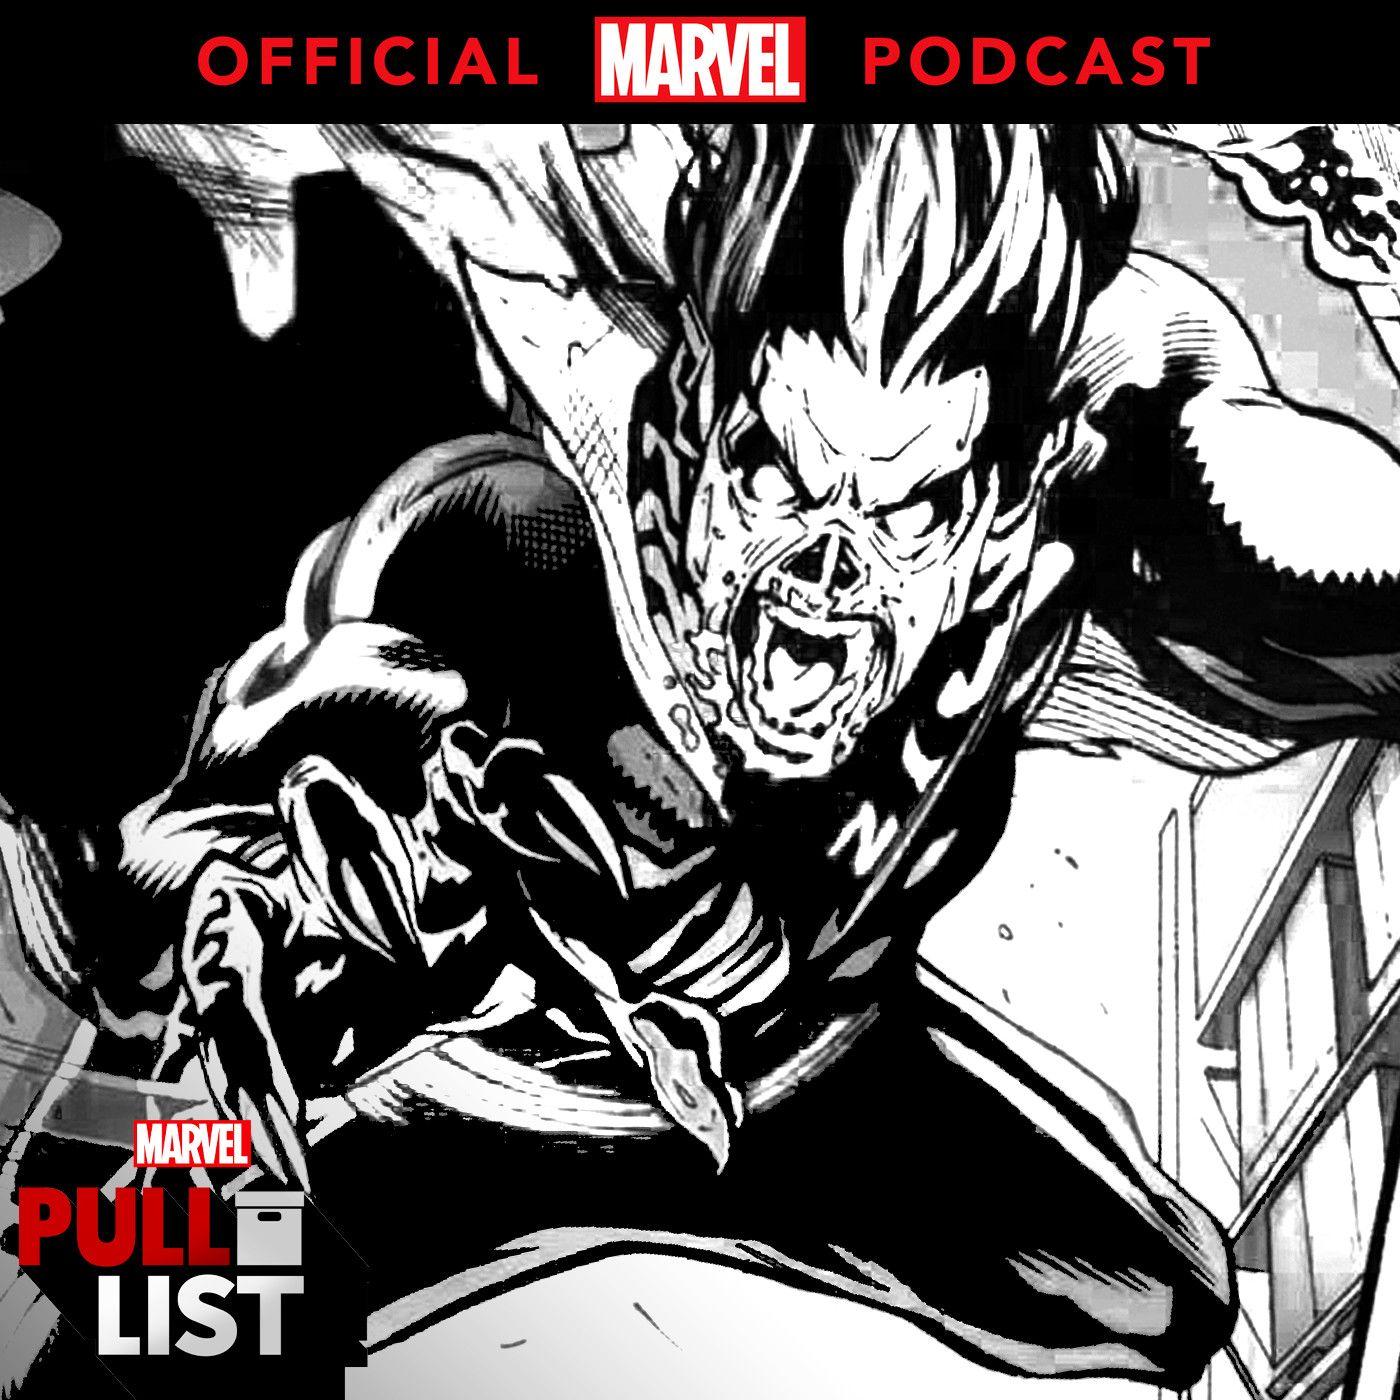 Morbius w/ Danny Lore